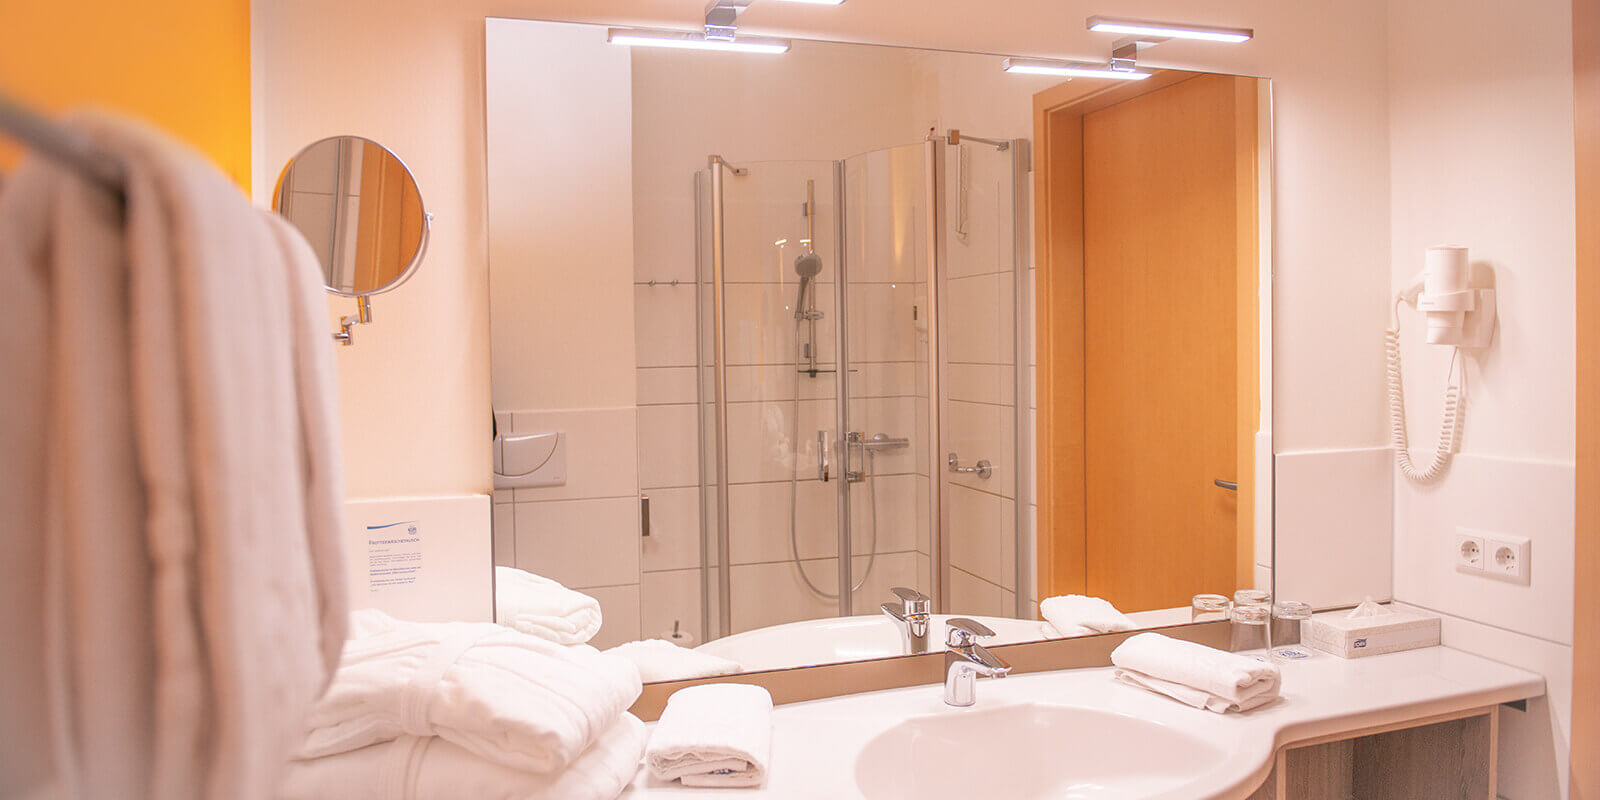 Großzügiges Bad mit Dusche und Föhn